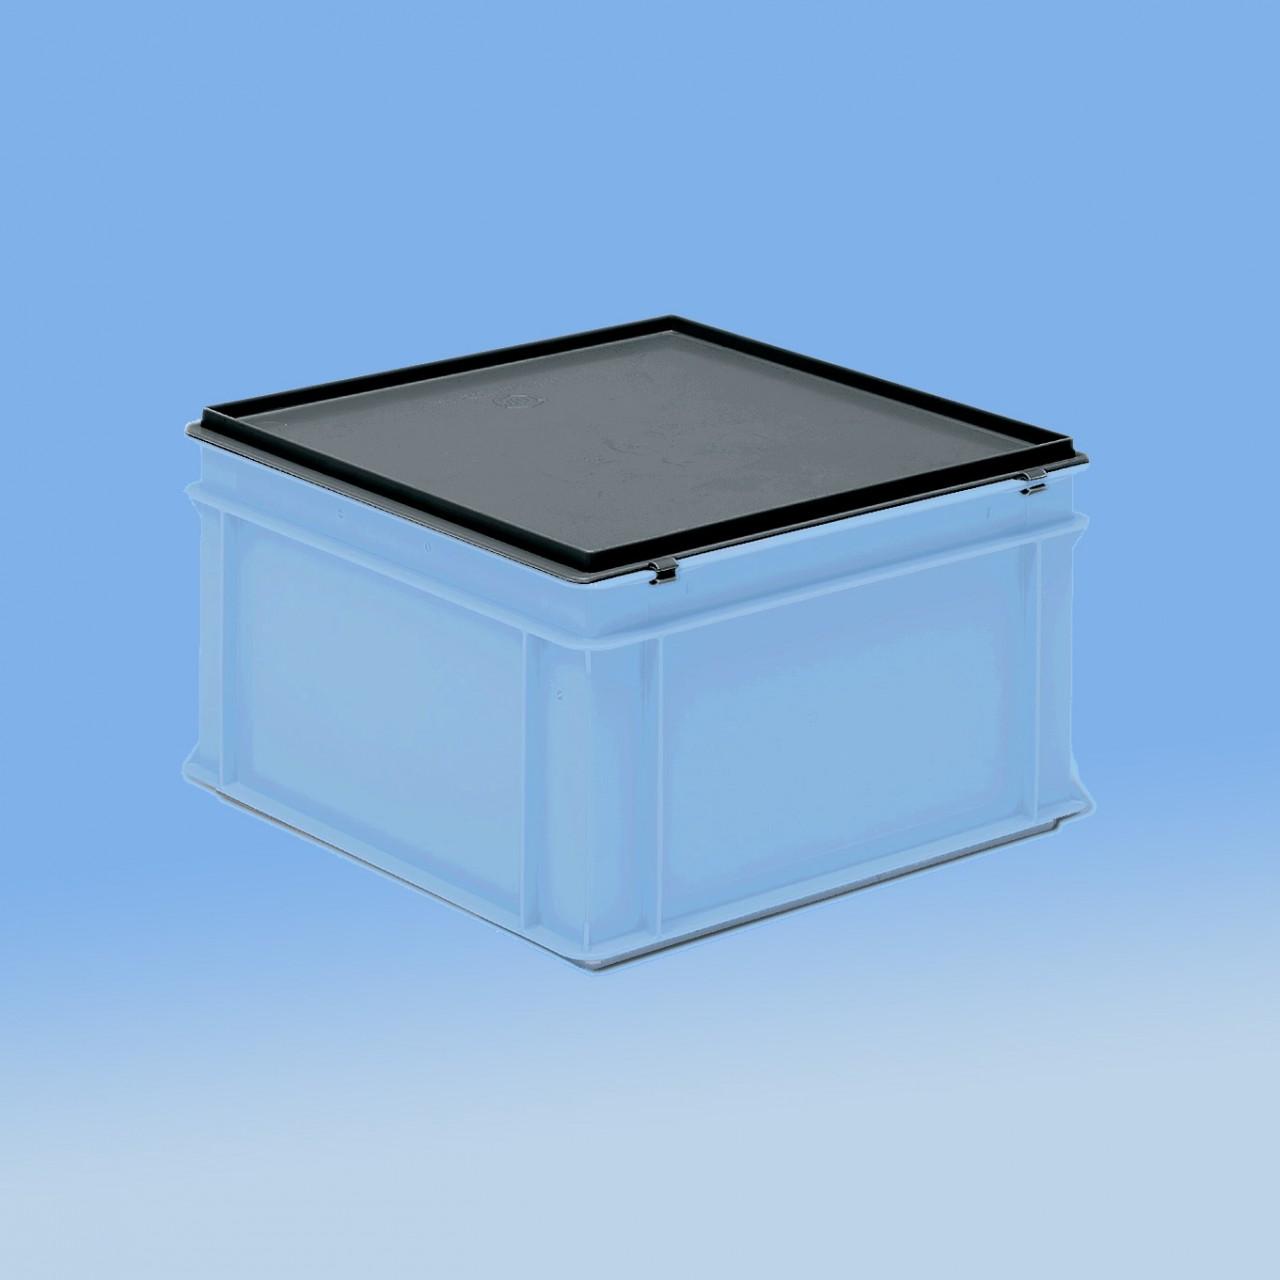 Deckel zu Rako-Behälter |400 x 400 mm, dunkelgrau